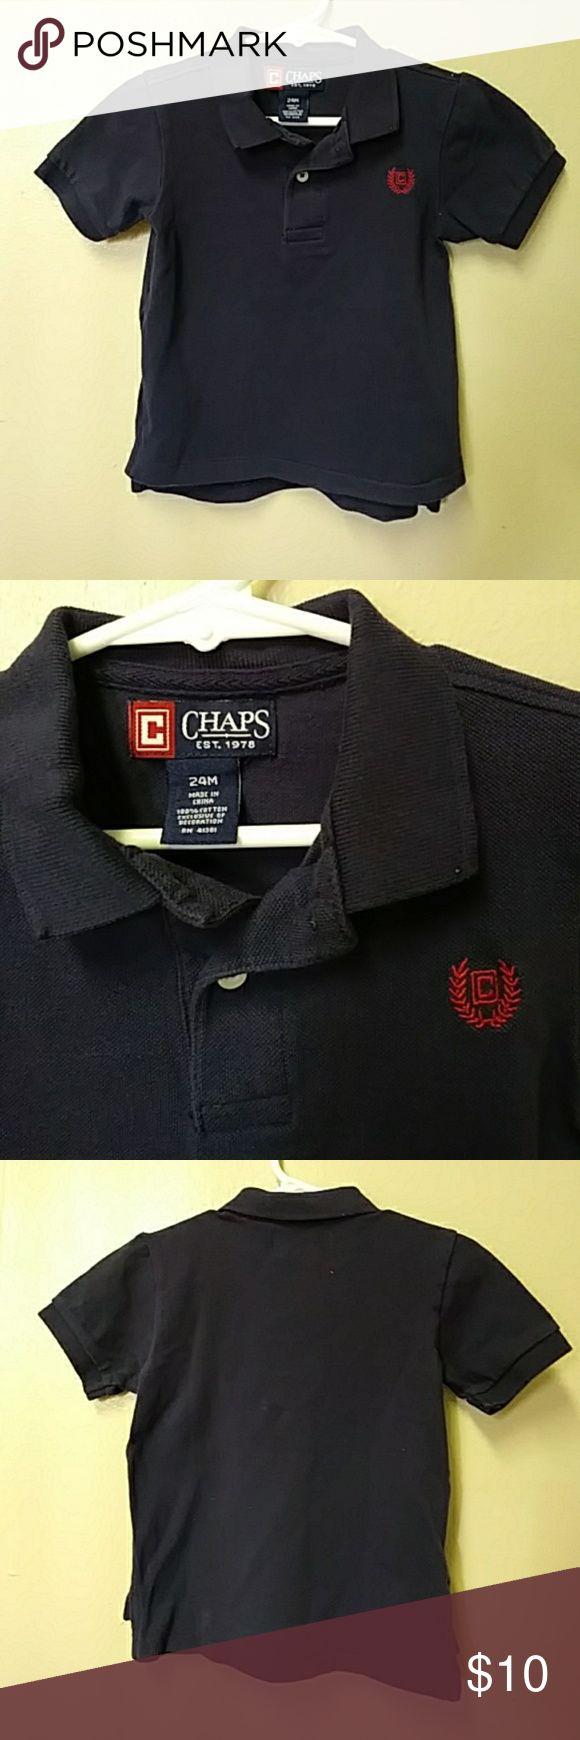 CHAPS Ralph Lauren Toddler boys shirt Chaps Est 1978 Ralph Lauren navy blue polo shirt Chaps Shirts & Tops Polos